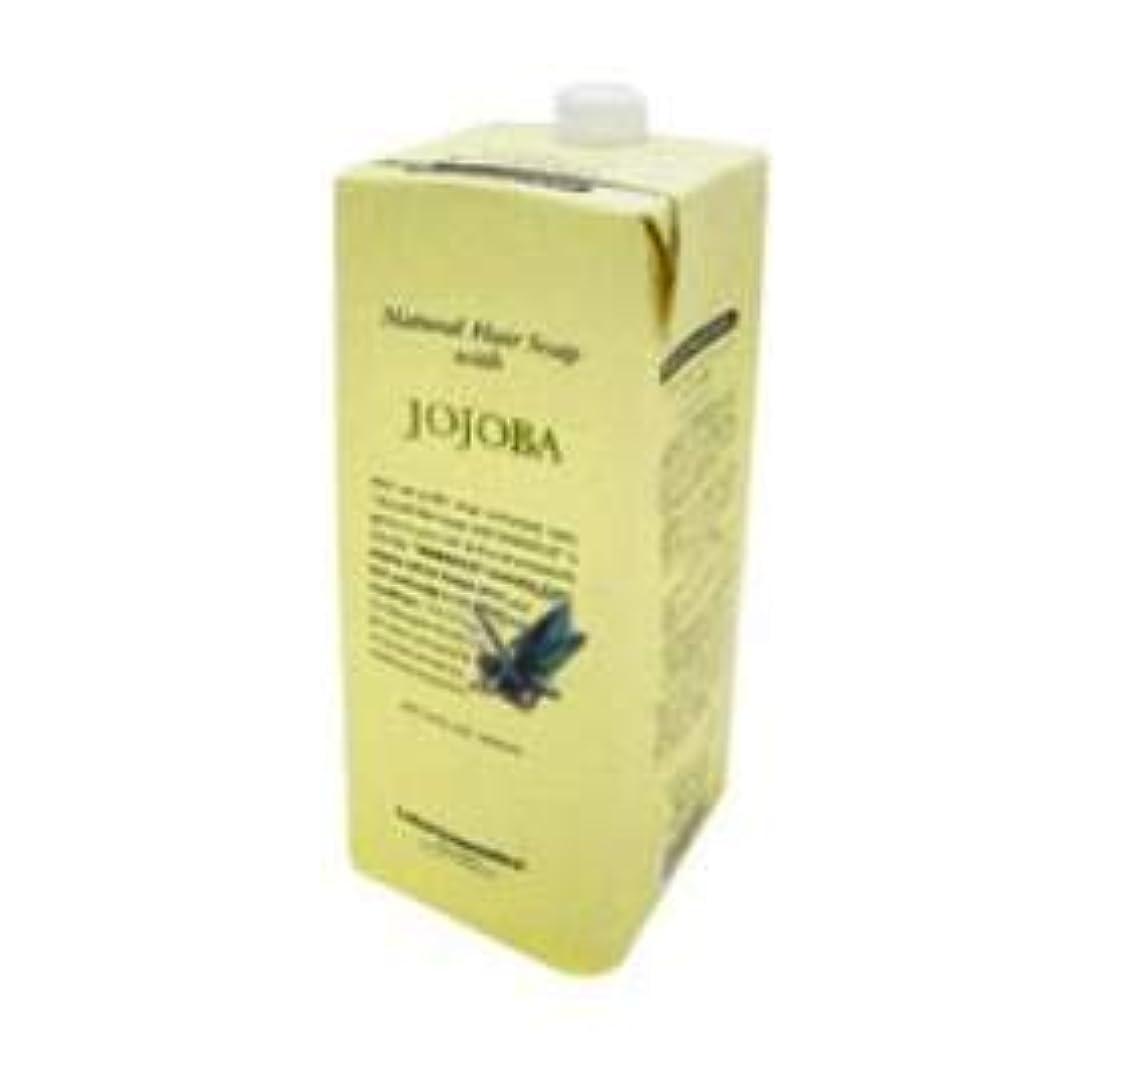 ダウンバッテリー解決するルベル ナチュラル ヘア ソープ ウィズ JO(ホホバ)1600ml 詰替え用